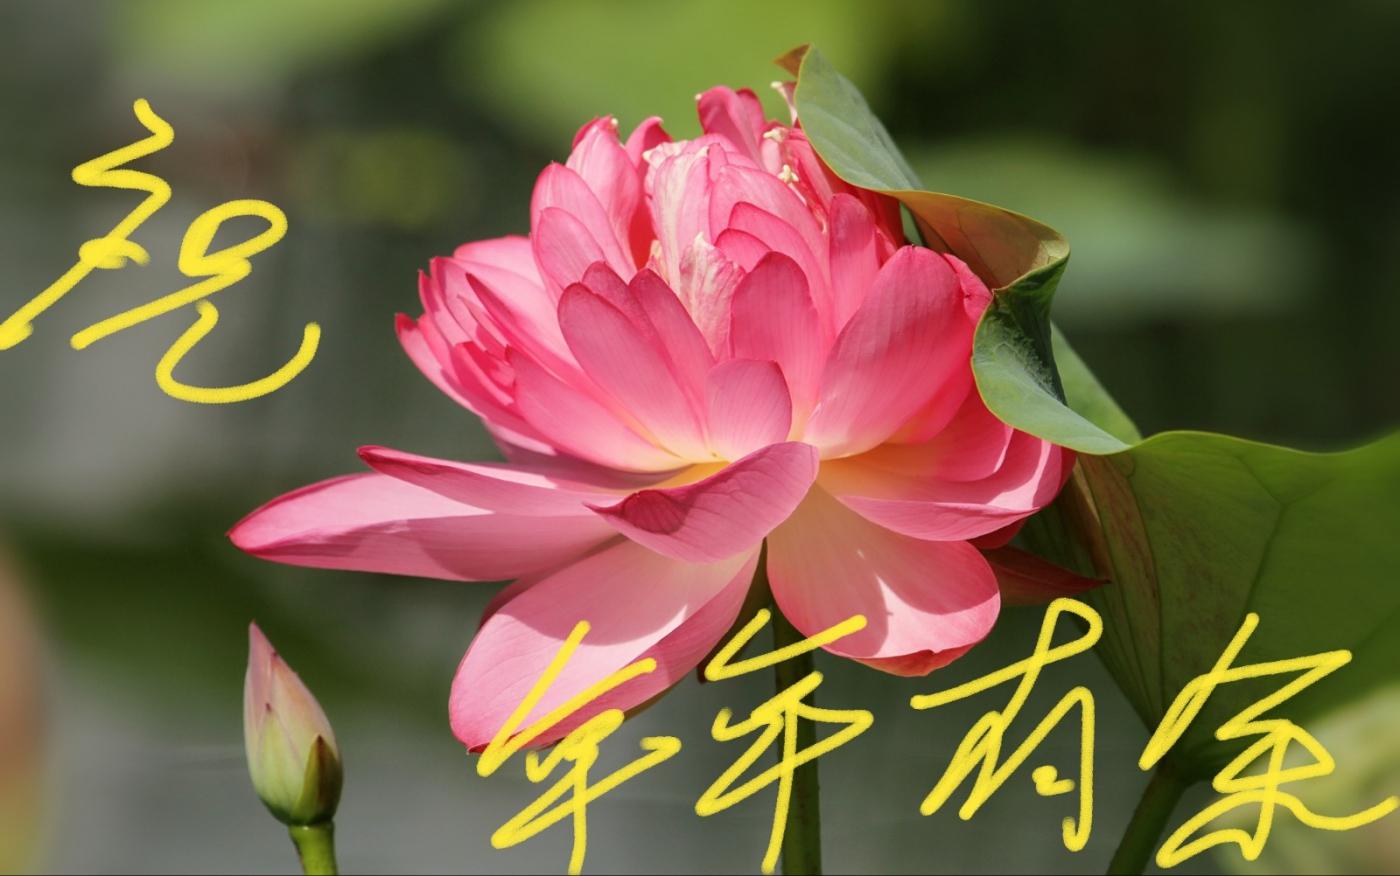 〔田螺攝影〕把祝福寫進花開里 新年好!_圖1-16